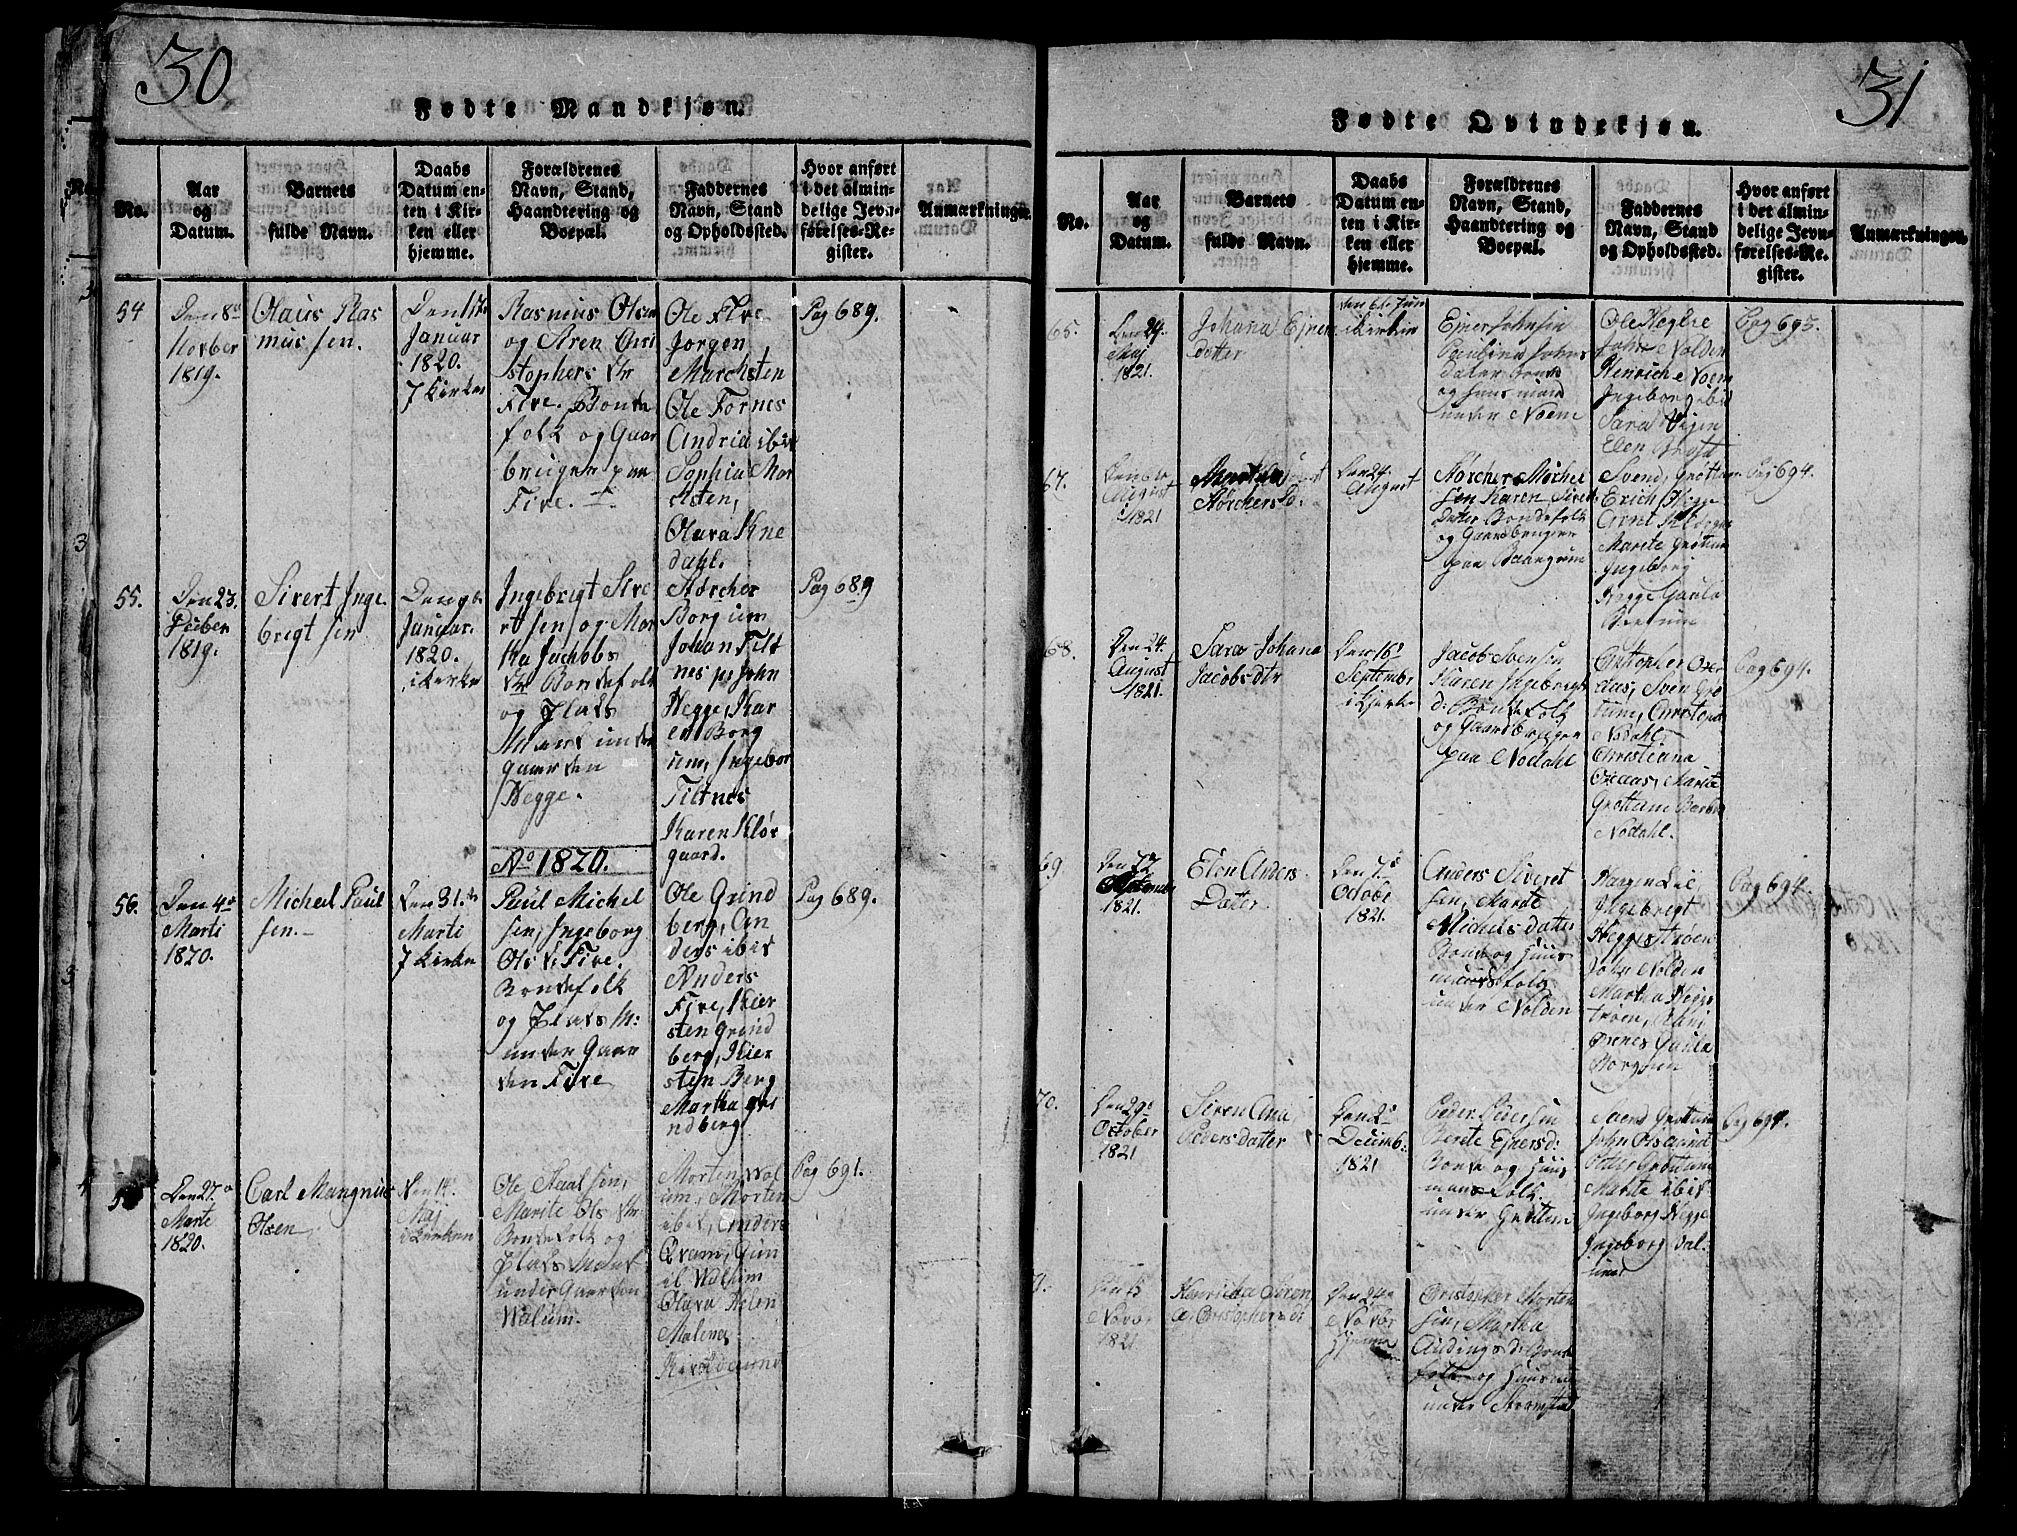 SAT, Ministerialprotokoller, klokkerbøker og fødselsregistre - Nord-Trøndelag, 747/L0459: Klokkerbok nr. 747C01, 1816-1842, s. 30-31